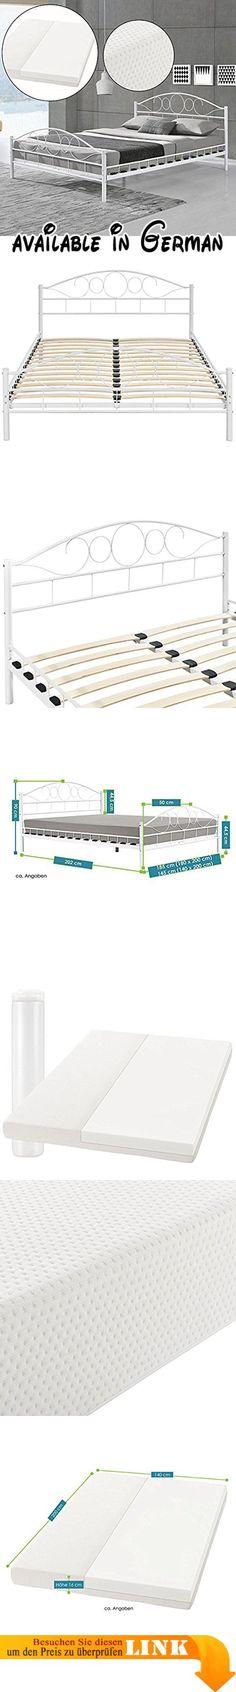 B00QUZ2IXG  Doppelbett Französisches Bett 140x200 Massivholz Kiefer - komplett schlafzimmer mit matratze und lattenrost